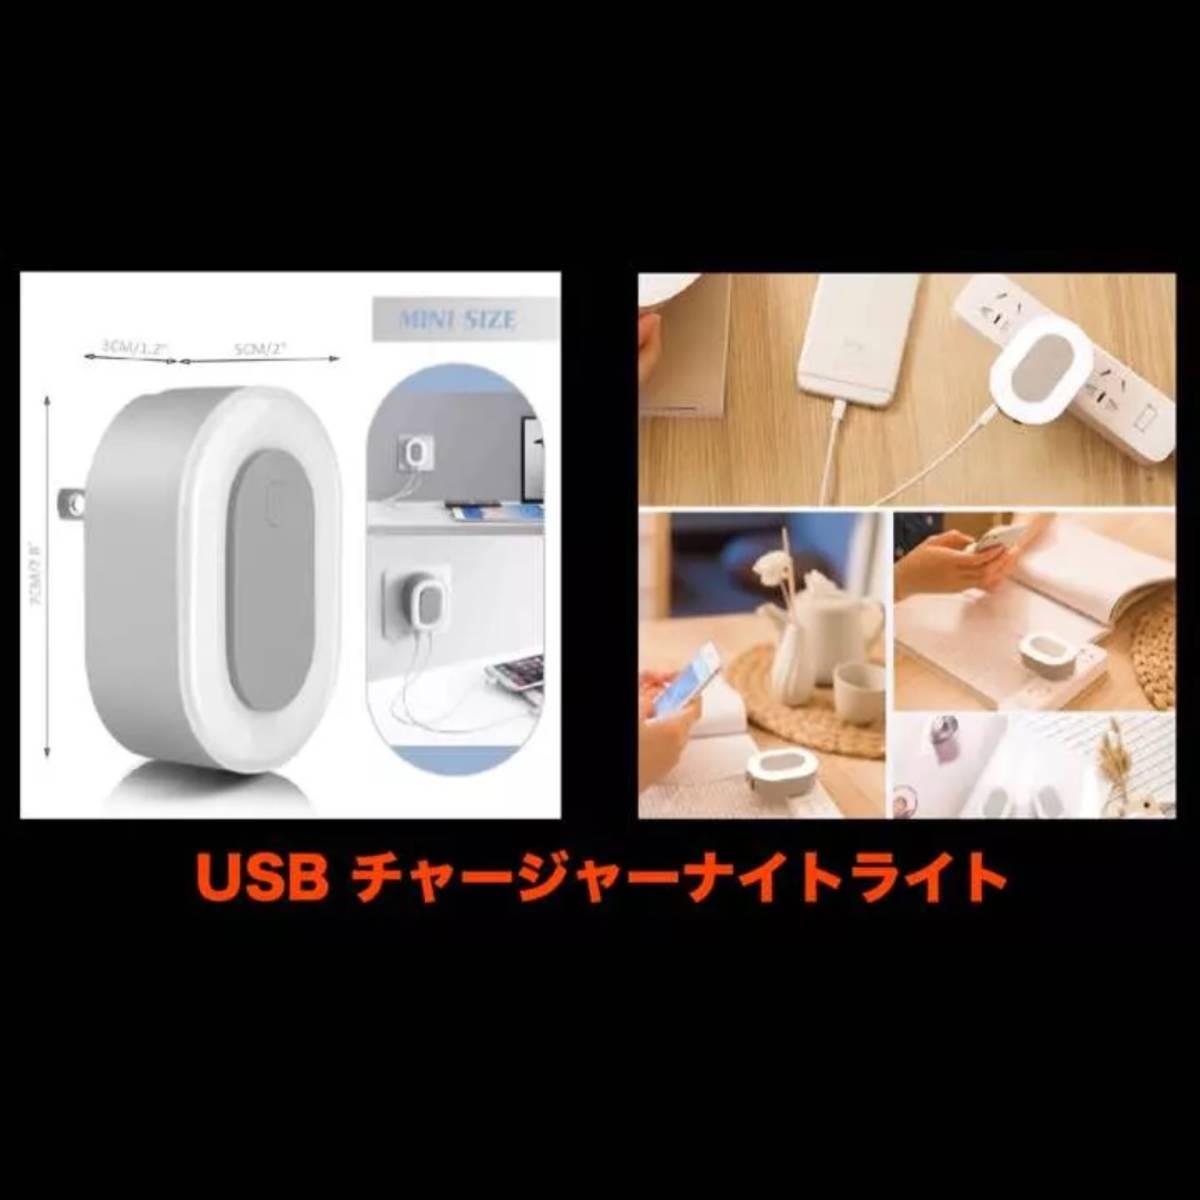 プラグたためてコンパクトに持ち運び USBチャージャーナイトライト 明るさ切替可 新品_画像3